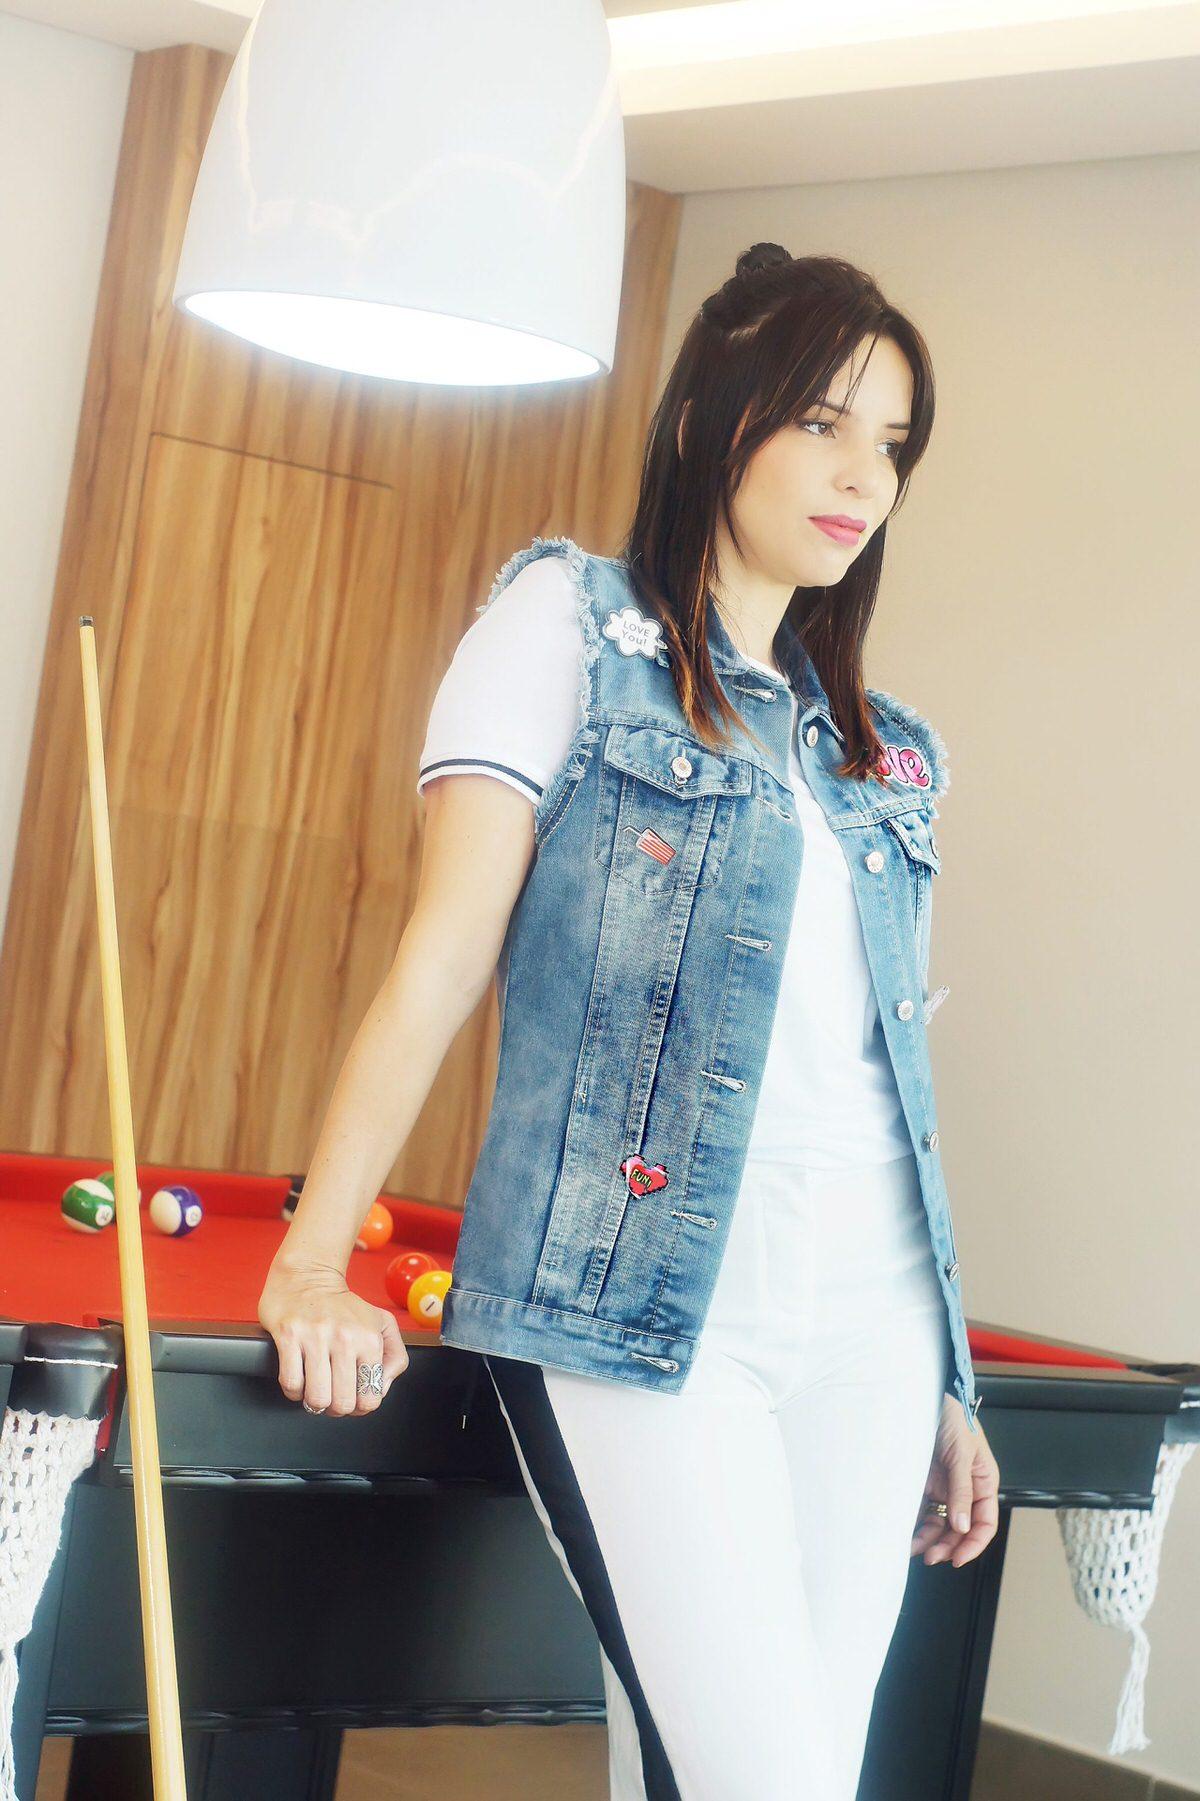 Maxi colete jeans com aplicações de patches uma tendência super divertida dos anos 90. Alexandra Evangelista